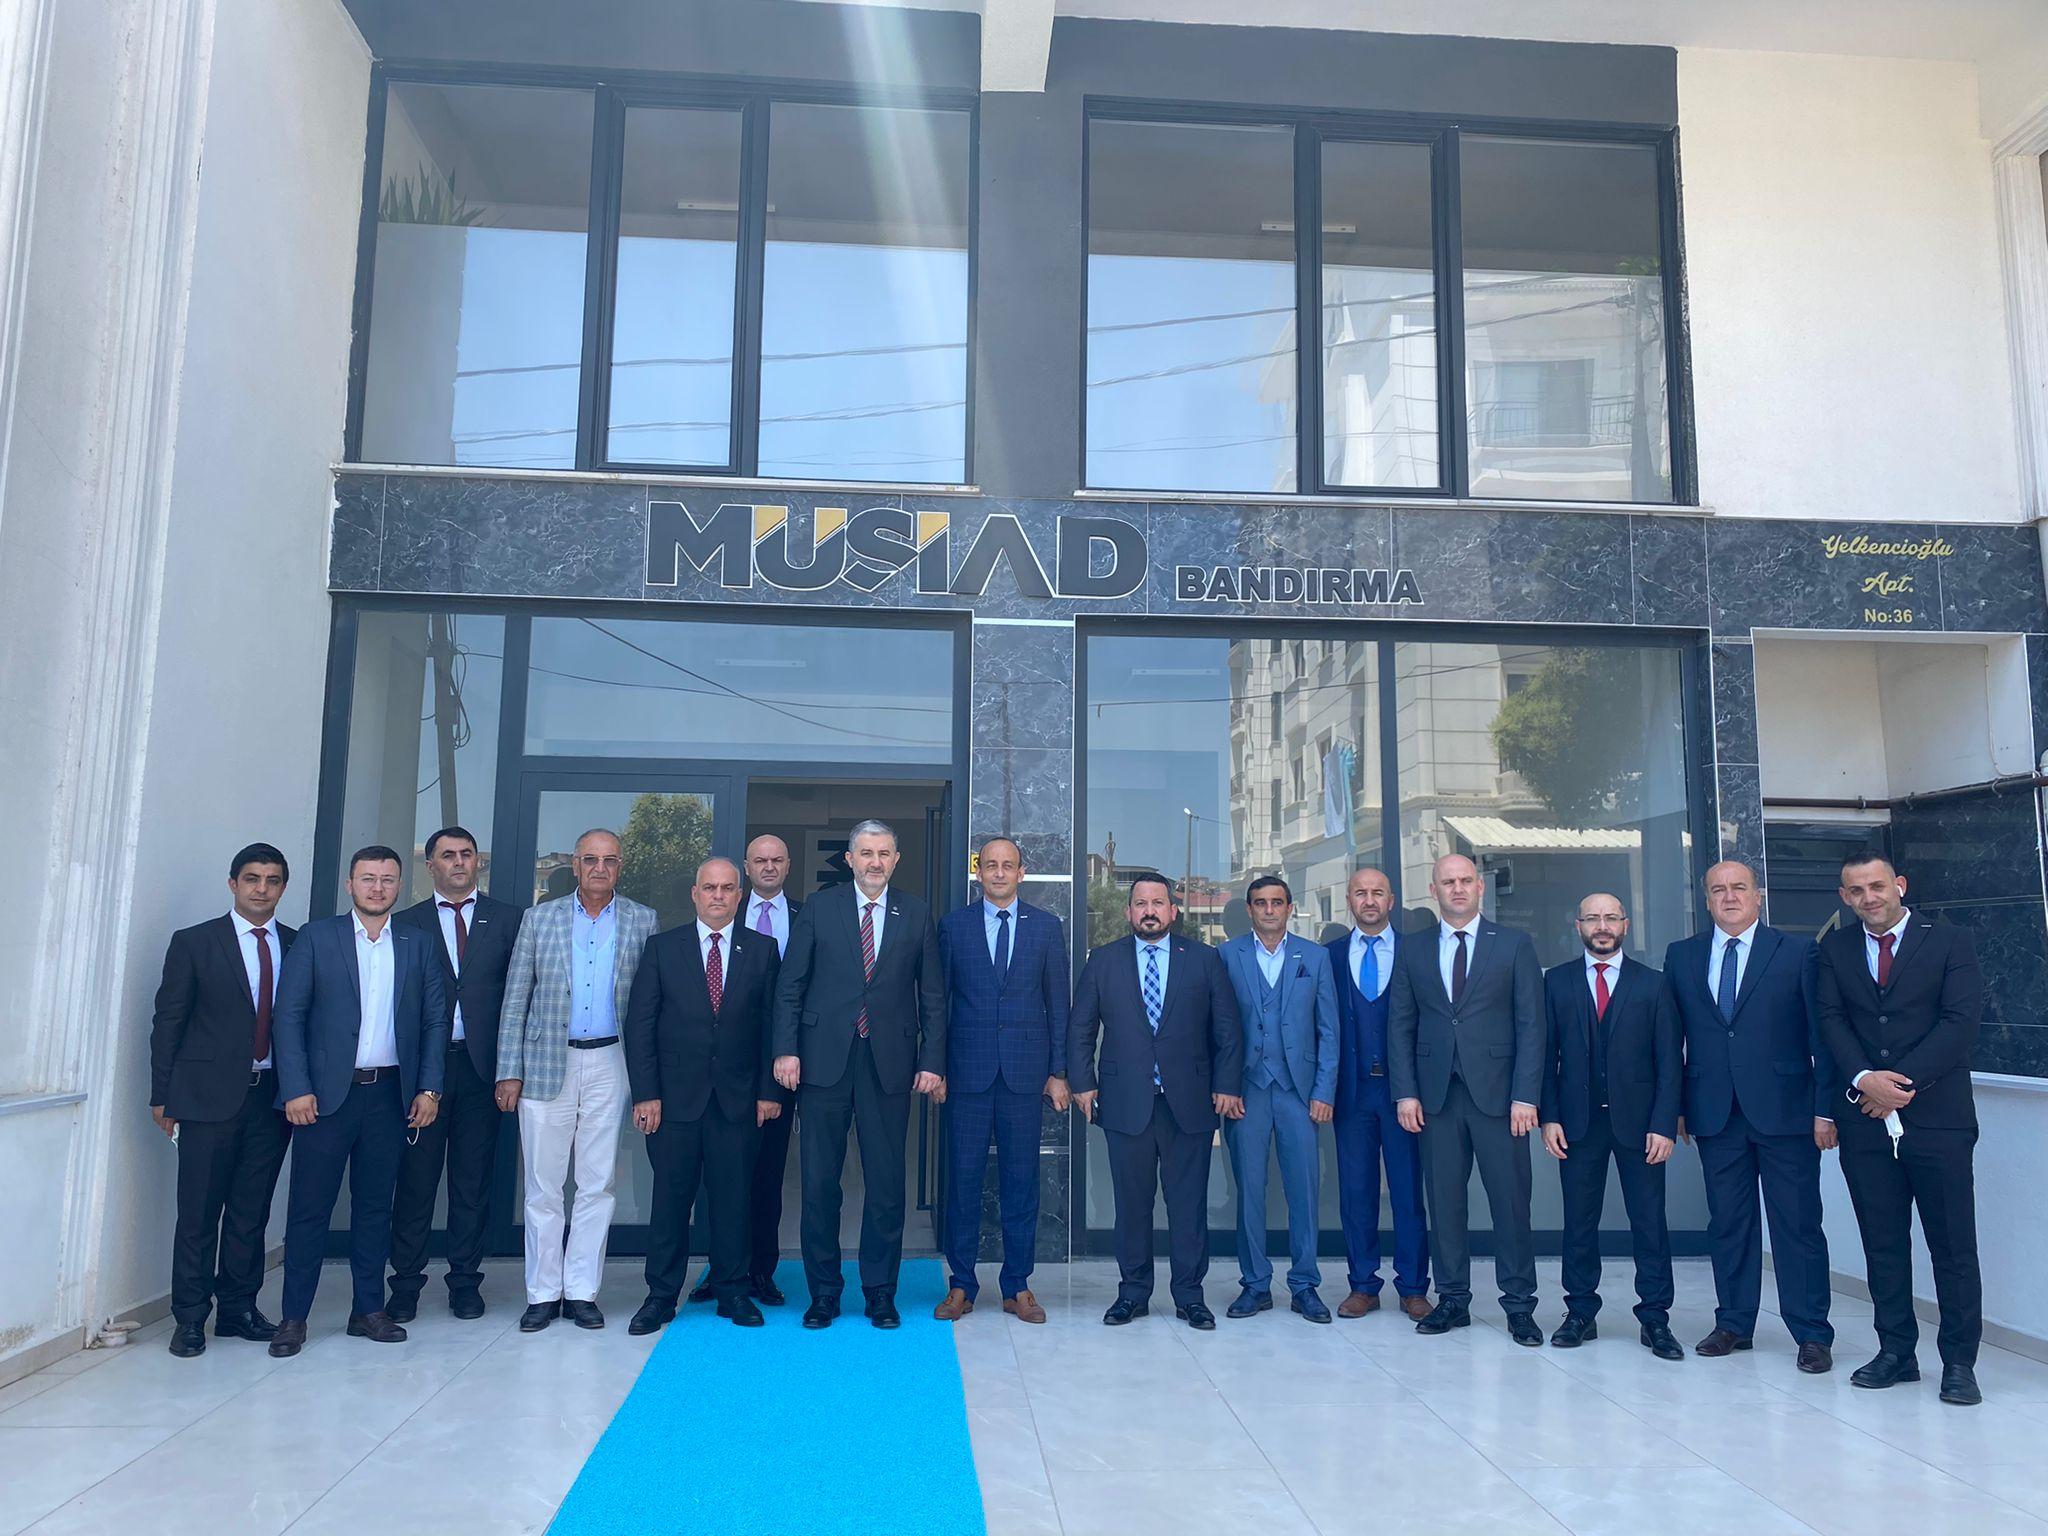 Bandırma Müsiad Yeni Başkanı Cemal Gümüş seçildi.